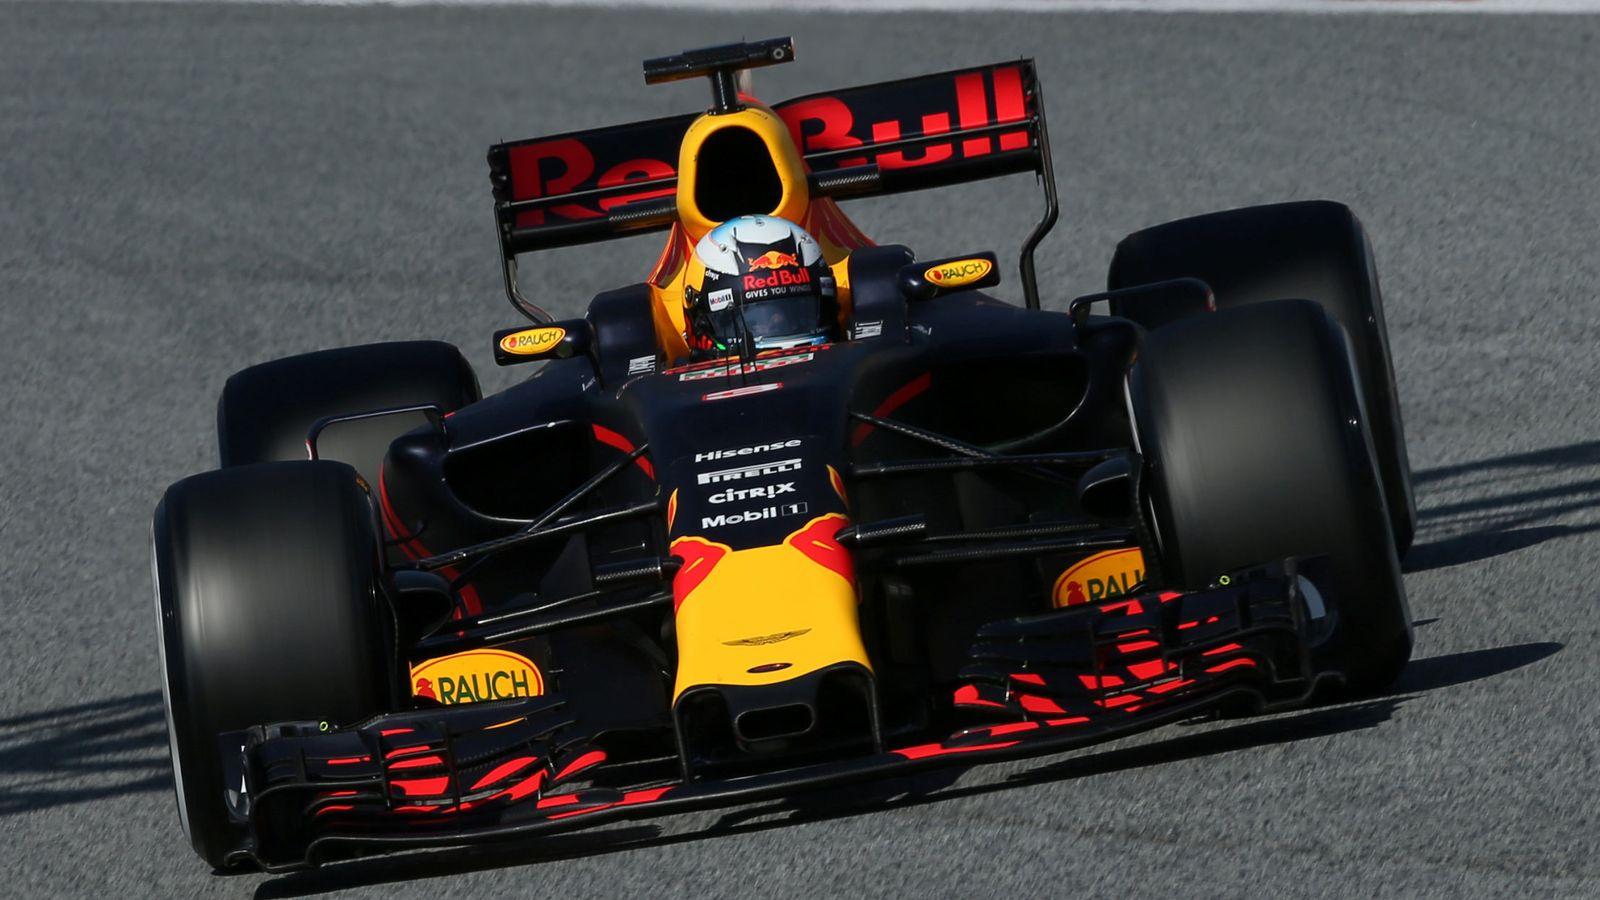 Foto: Daniel Ricciardo en acción durante esta pretemporada. (Reuters)